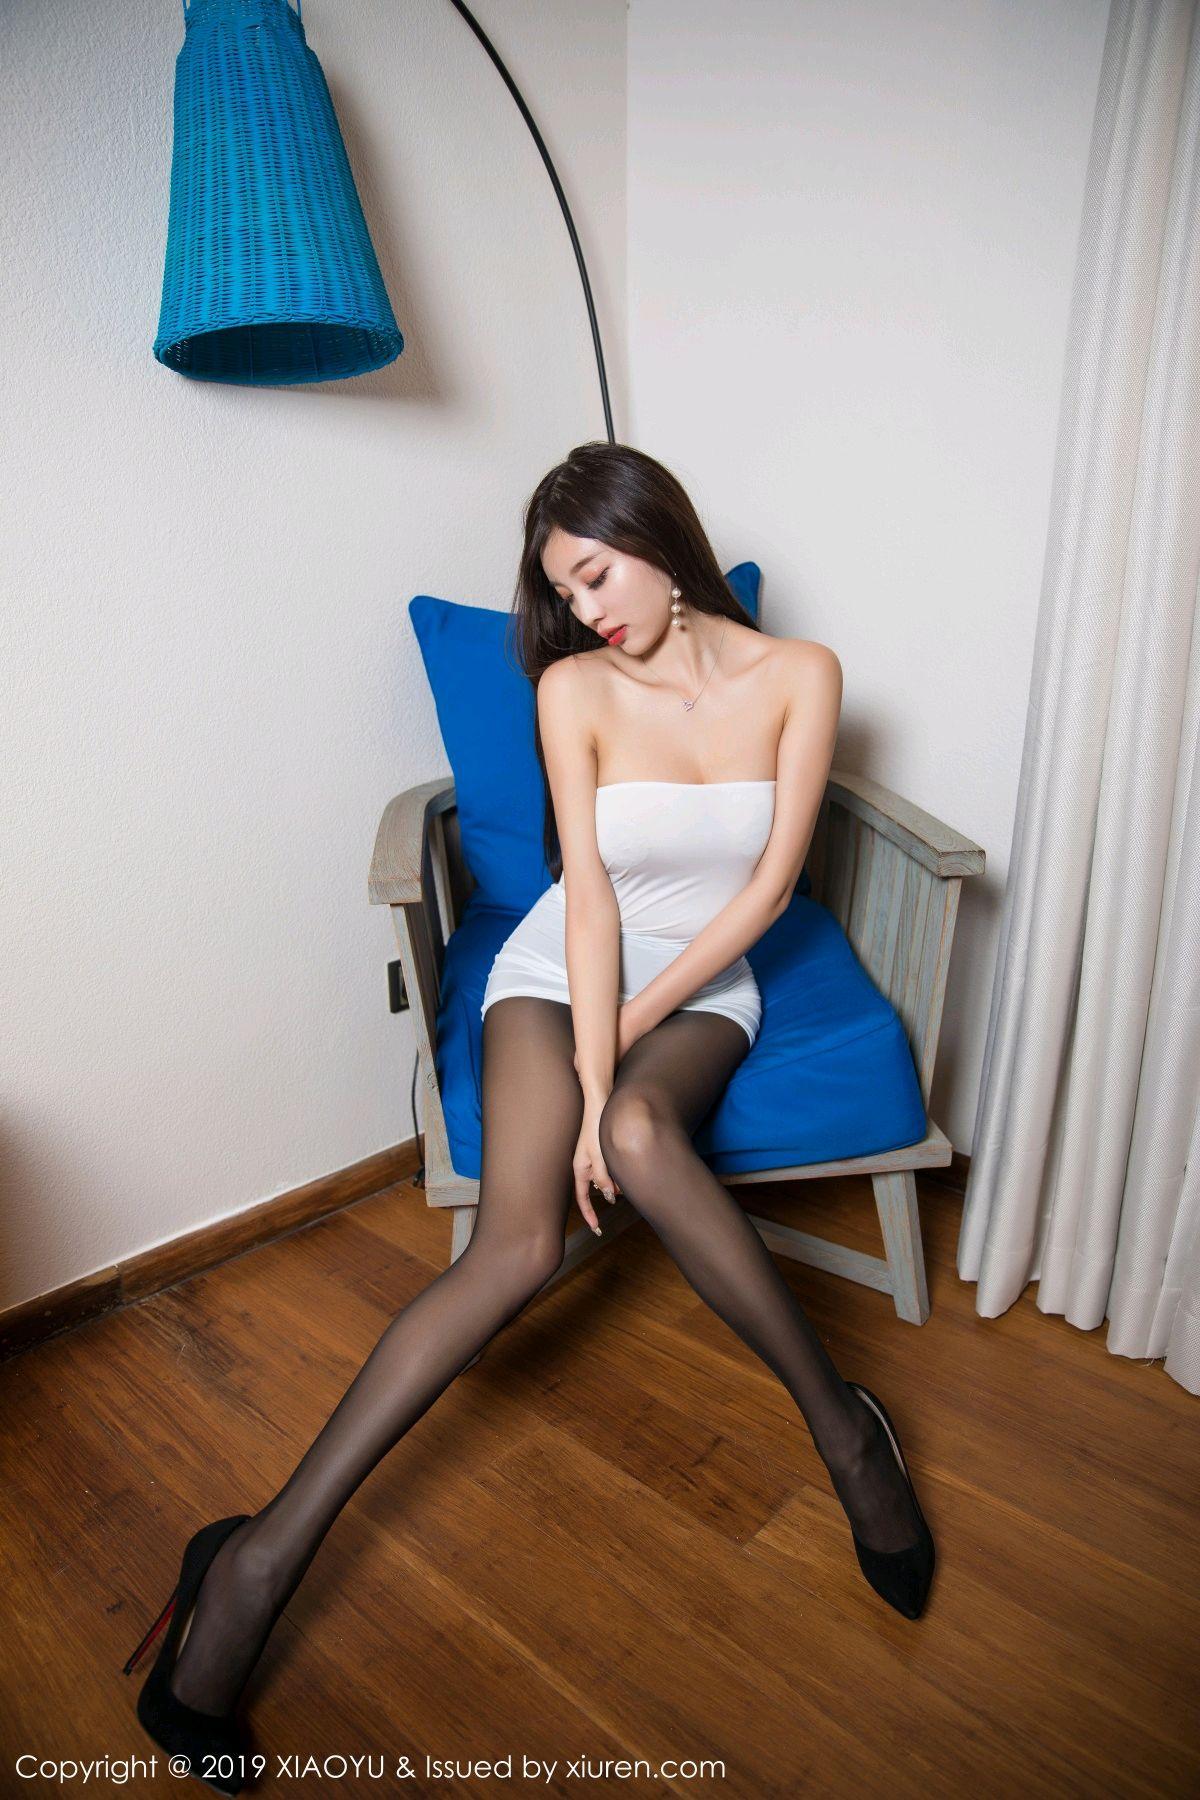 [XiaoYu] Vol.138 Yang Chen Chen 2P, Black Silk, Tall, XiaoYu, Yang Chen Chen